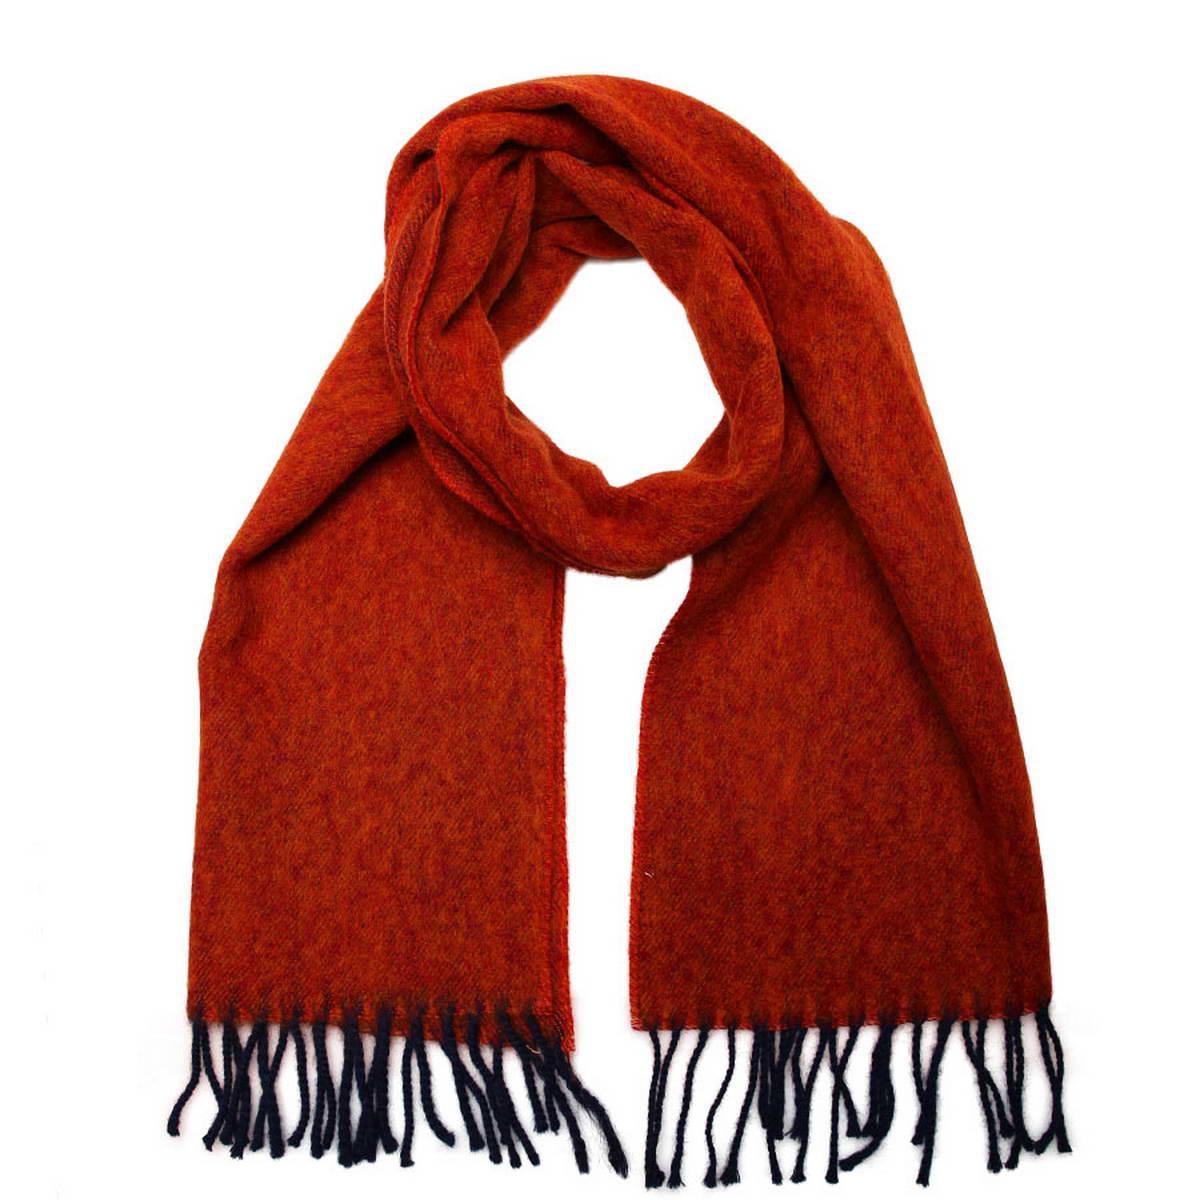 Шарф5002132-10Элегантный мужской шарф Venera согреет вас в холодное время года, а также станет изысканным аксессуаром, который призван подчеркнуть ваш стиль и индивидуальность. Оригинальный теплый шарф выполнен из высококачественной шерстяной пряжи. Строгий однотонный шарф выполнен в классической расцветке и дополнен жгутиками по краю. Такой шарф станет превосходным дополнением к любому наряду, защитит вас от ветра и холода и позволит вам создать свой неповторимый стиль.